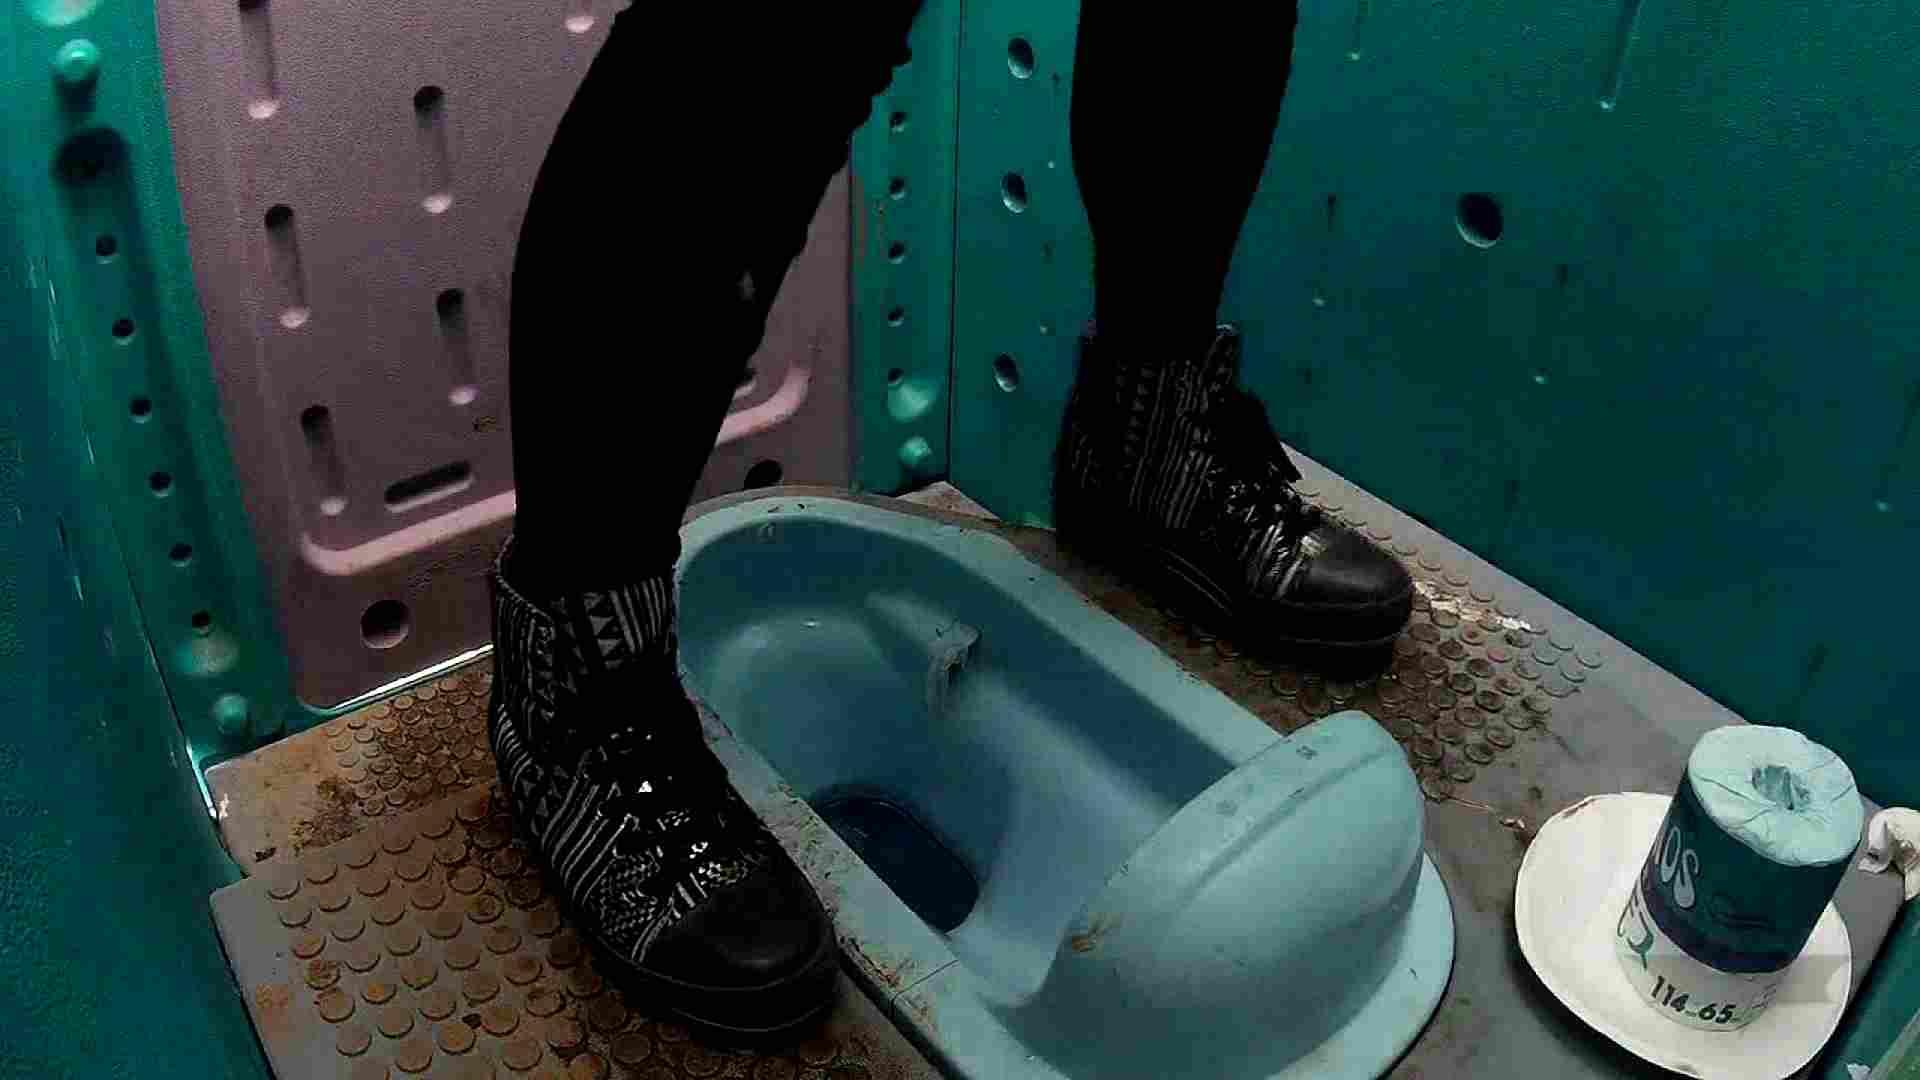 痴態洗面所 Vol.06 中が「マジヤバいヨネ!」洗面所 お姉さん攻略 オマンコ動画キャプチャ 84画像 67